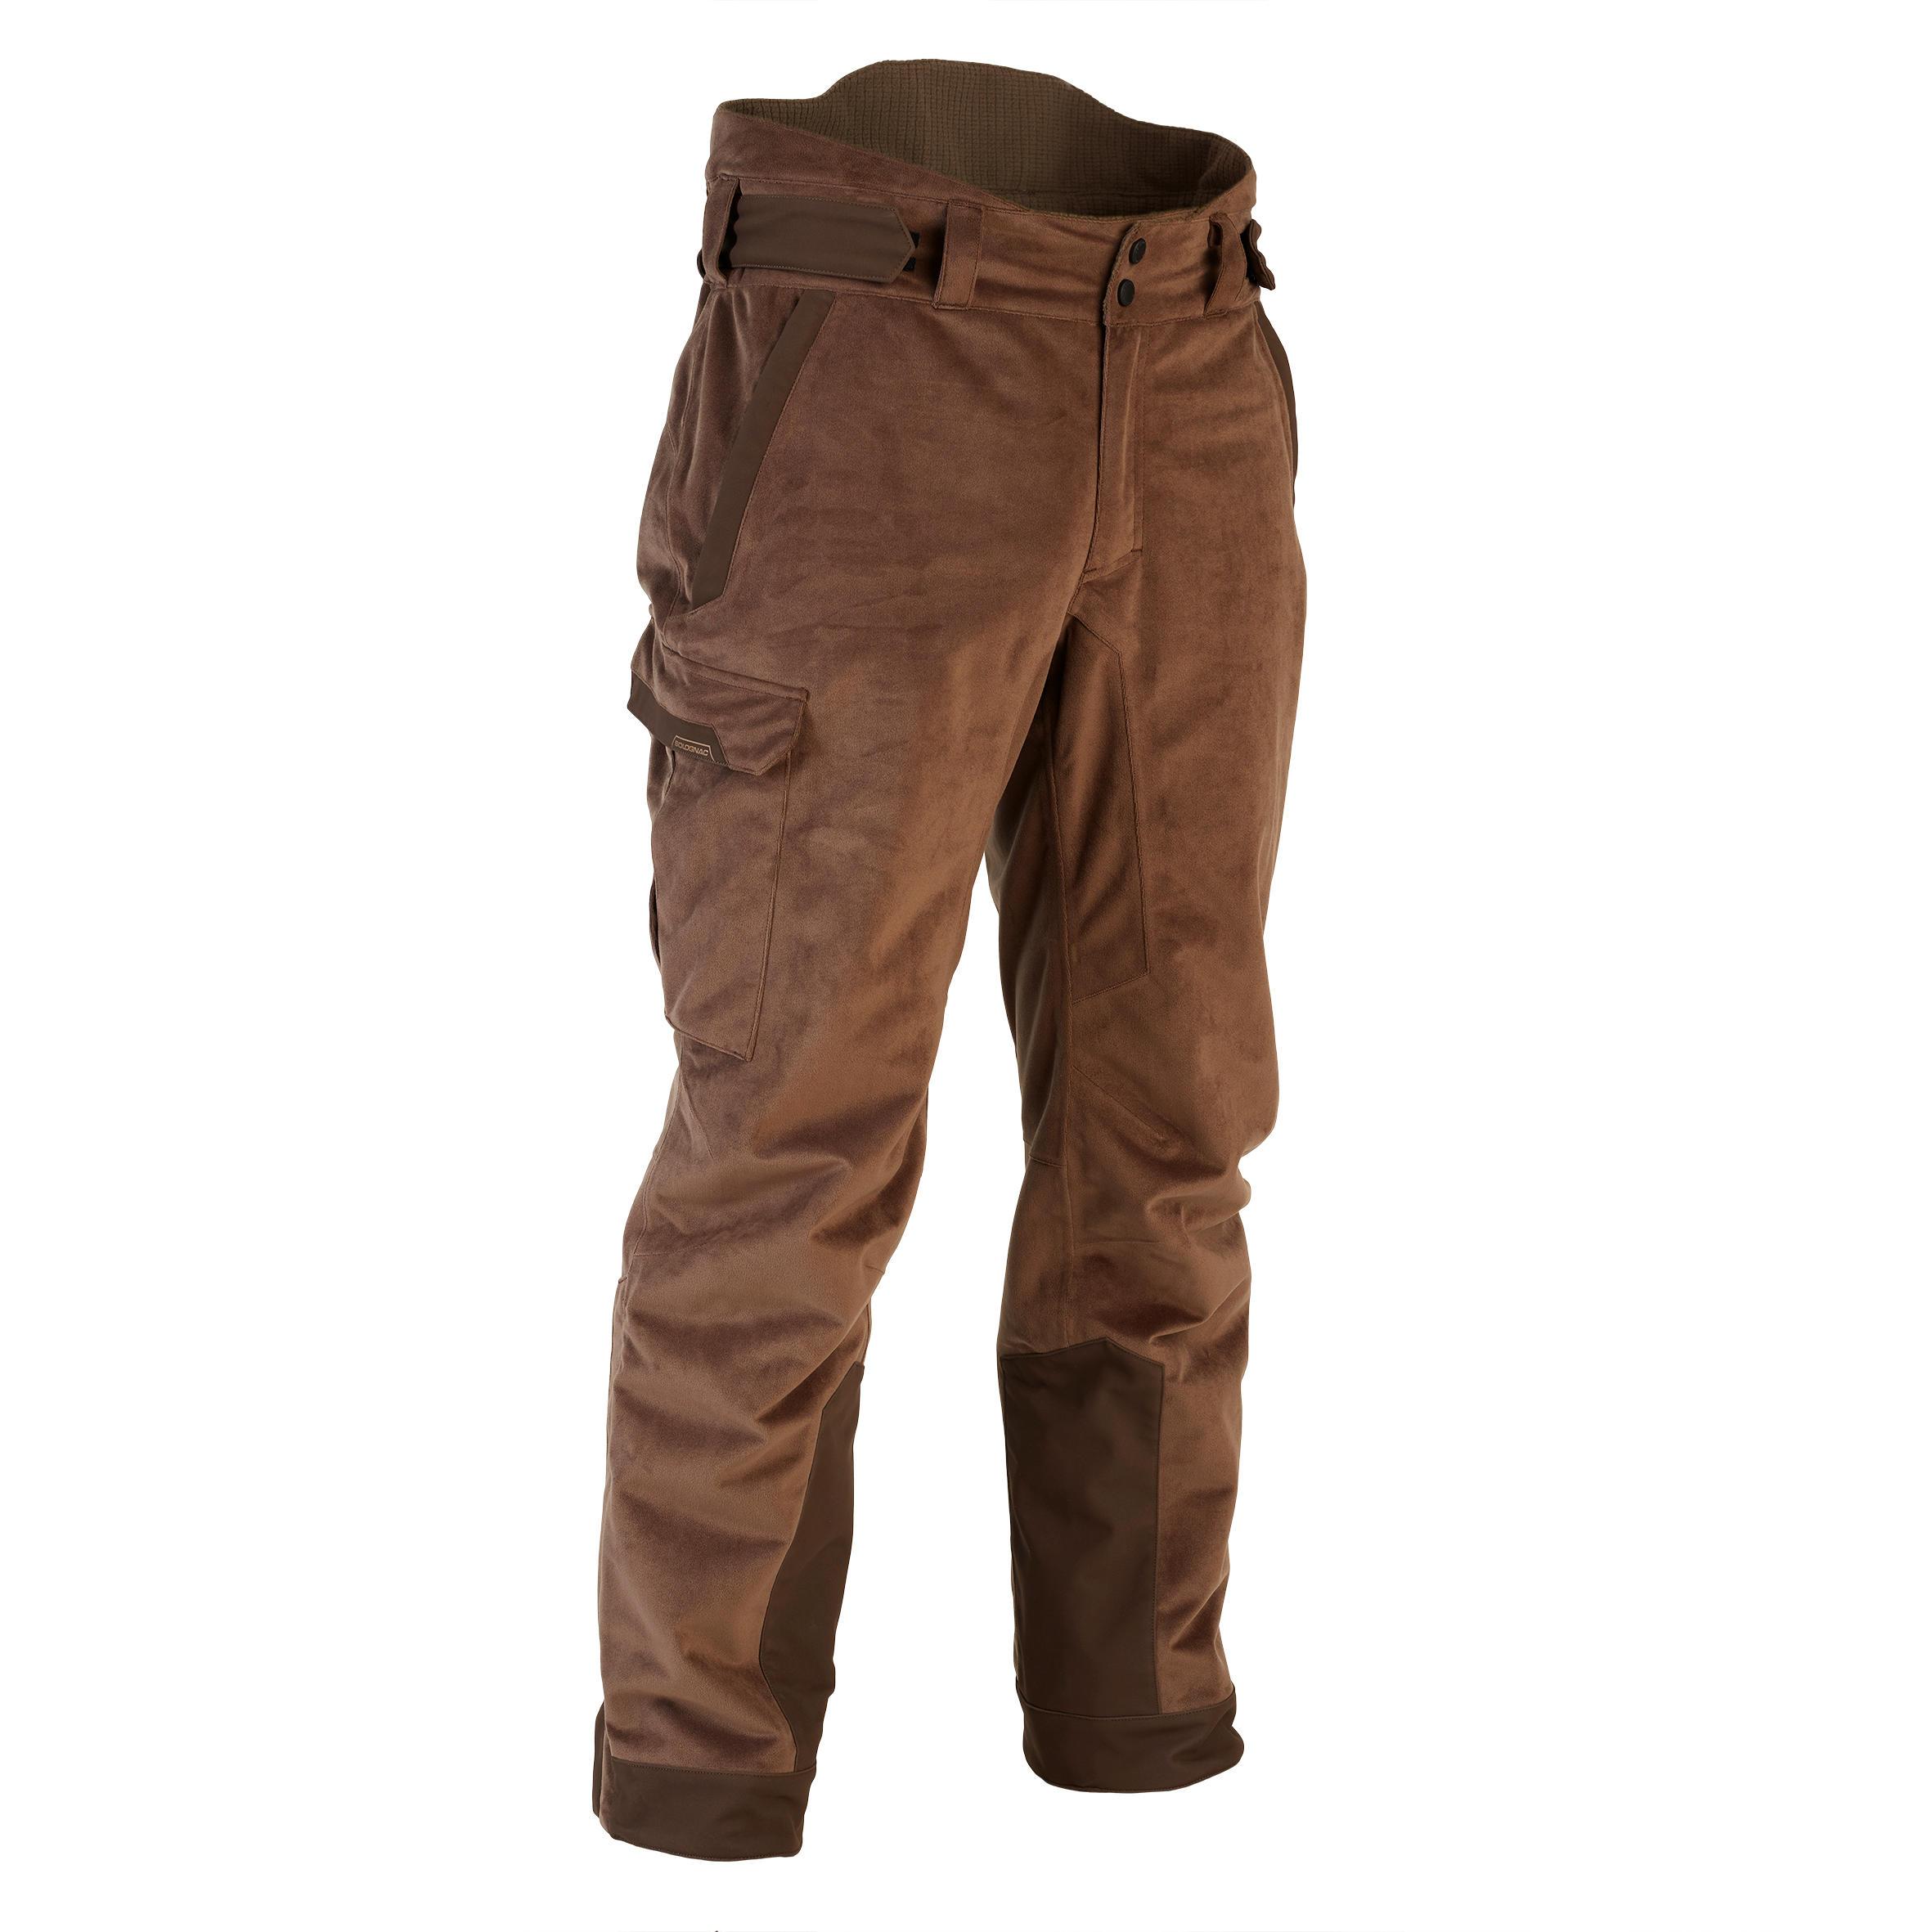 Pantalon Călduros 900 Maro